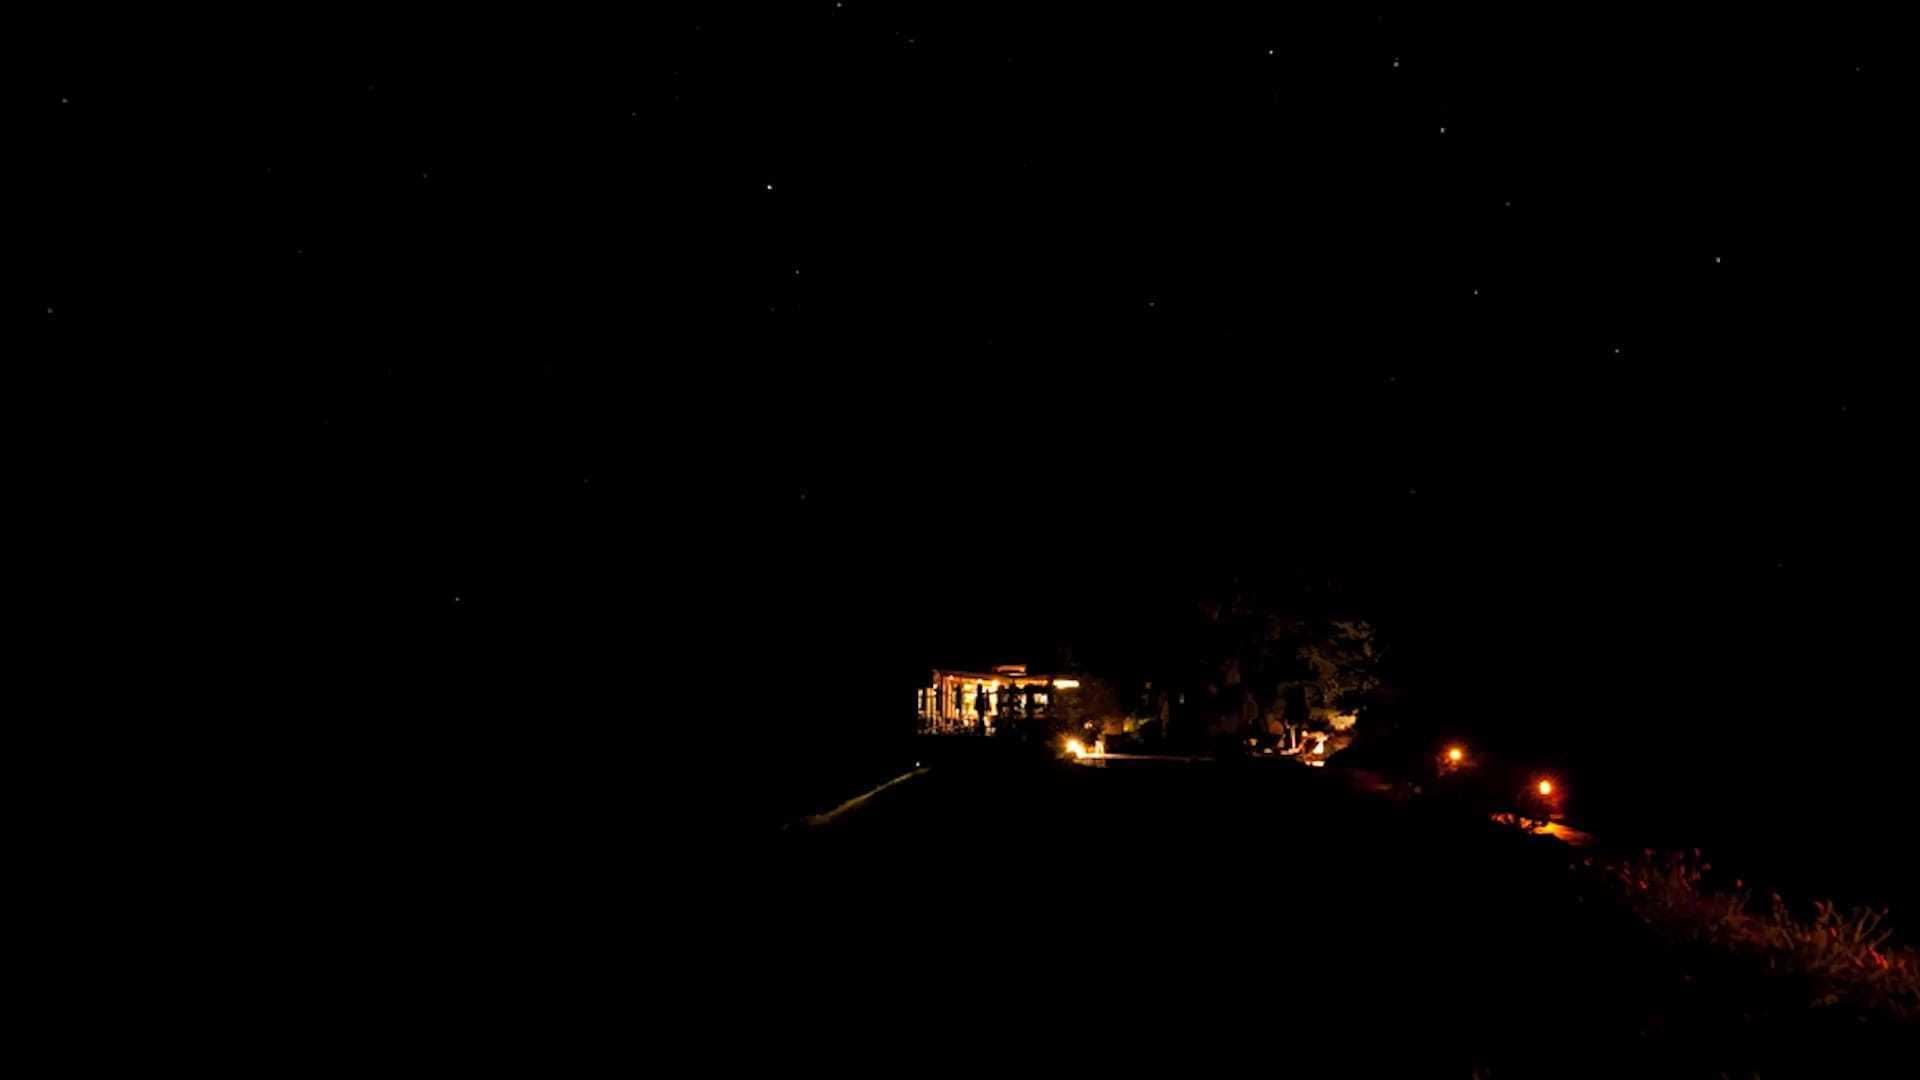 02_Gershoni_CaseStudy_Post-Ranch-Inn-Timelapse-Video-Poster